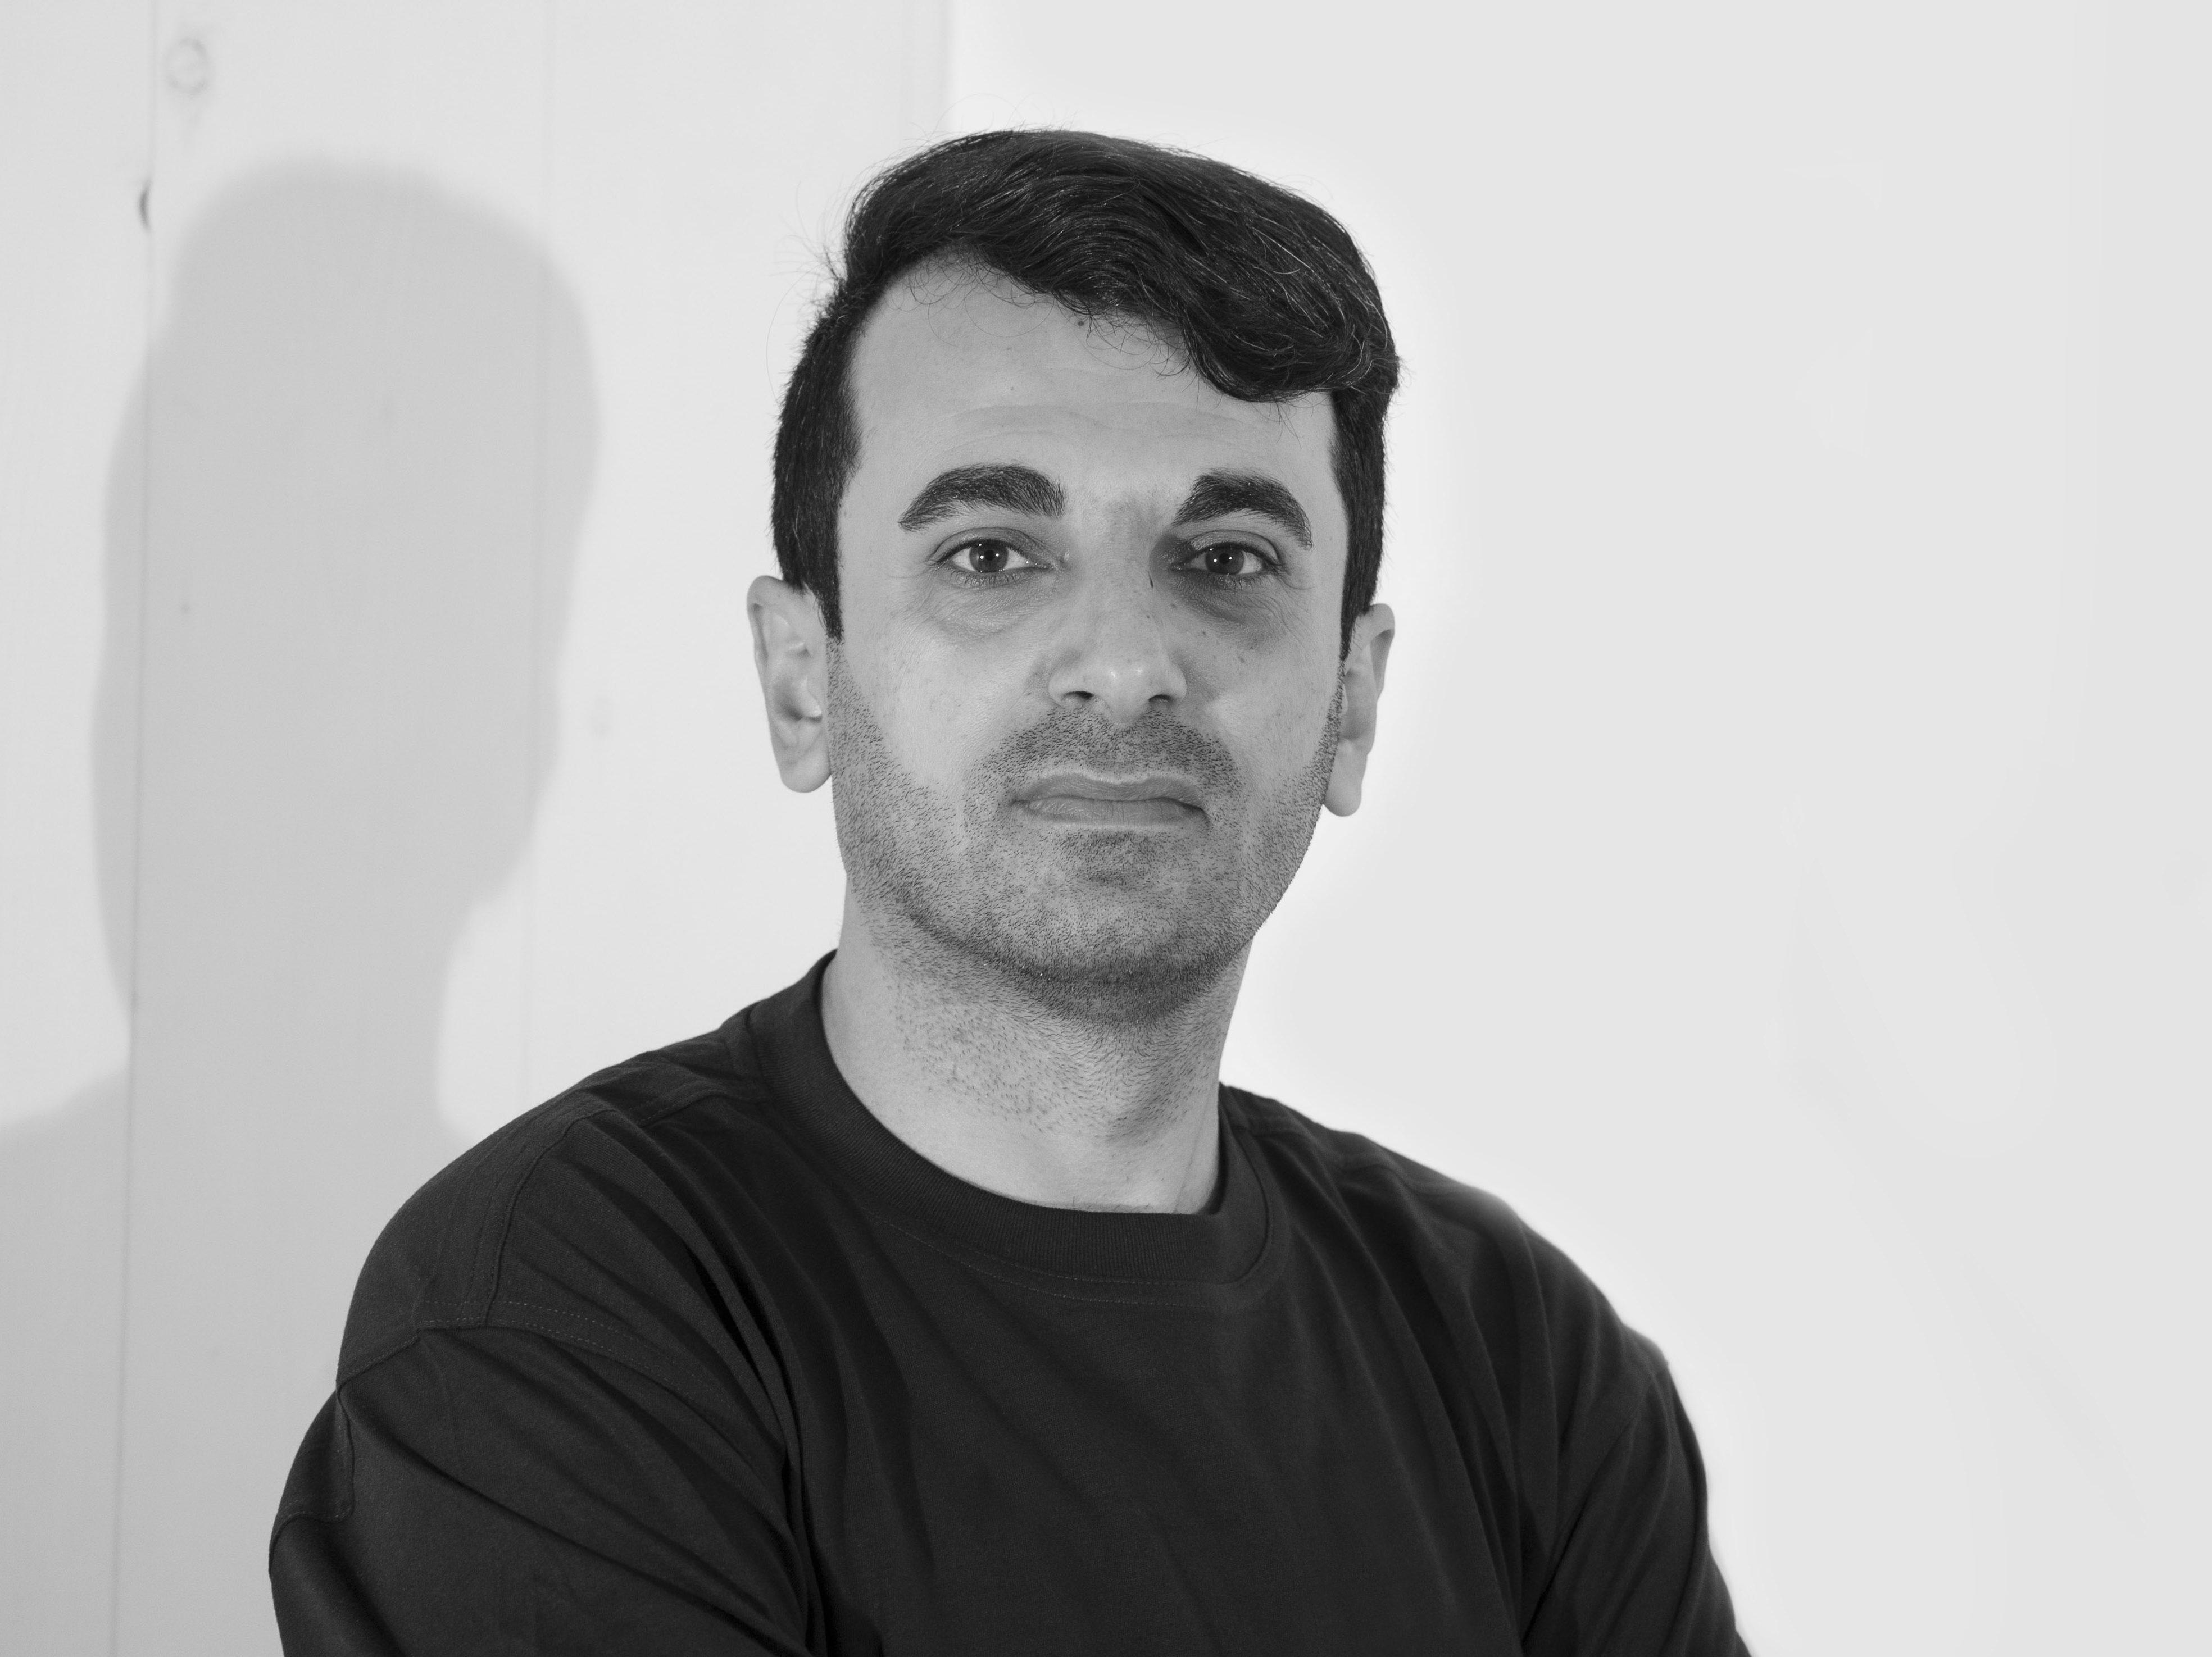 Jamal Sadeghtabar